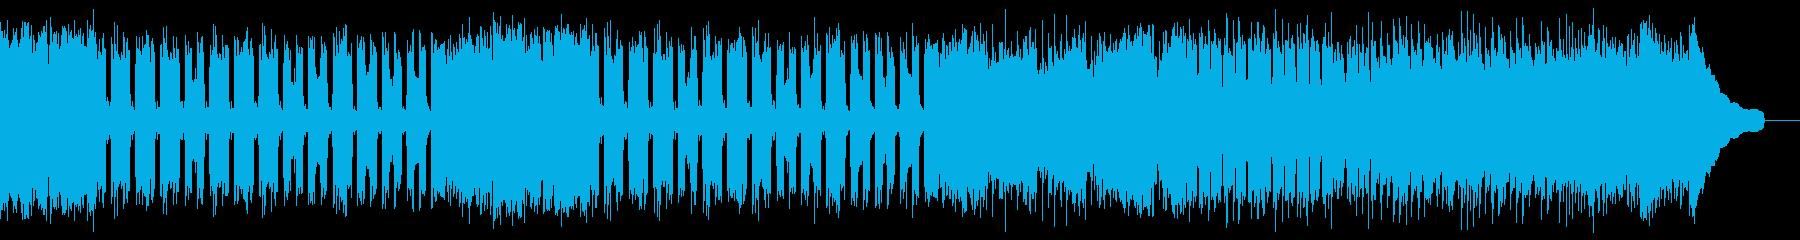 カントリー風ロックギター01Bの再生済みの波形